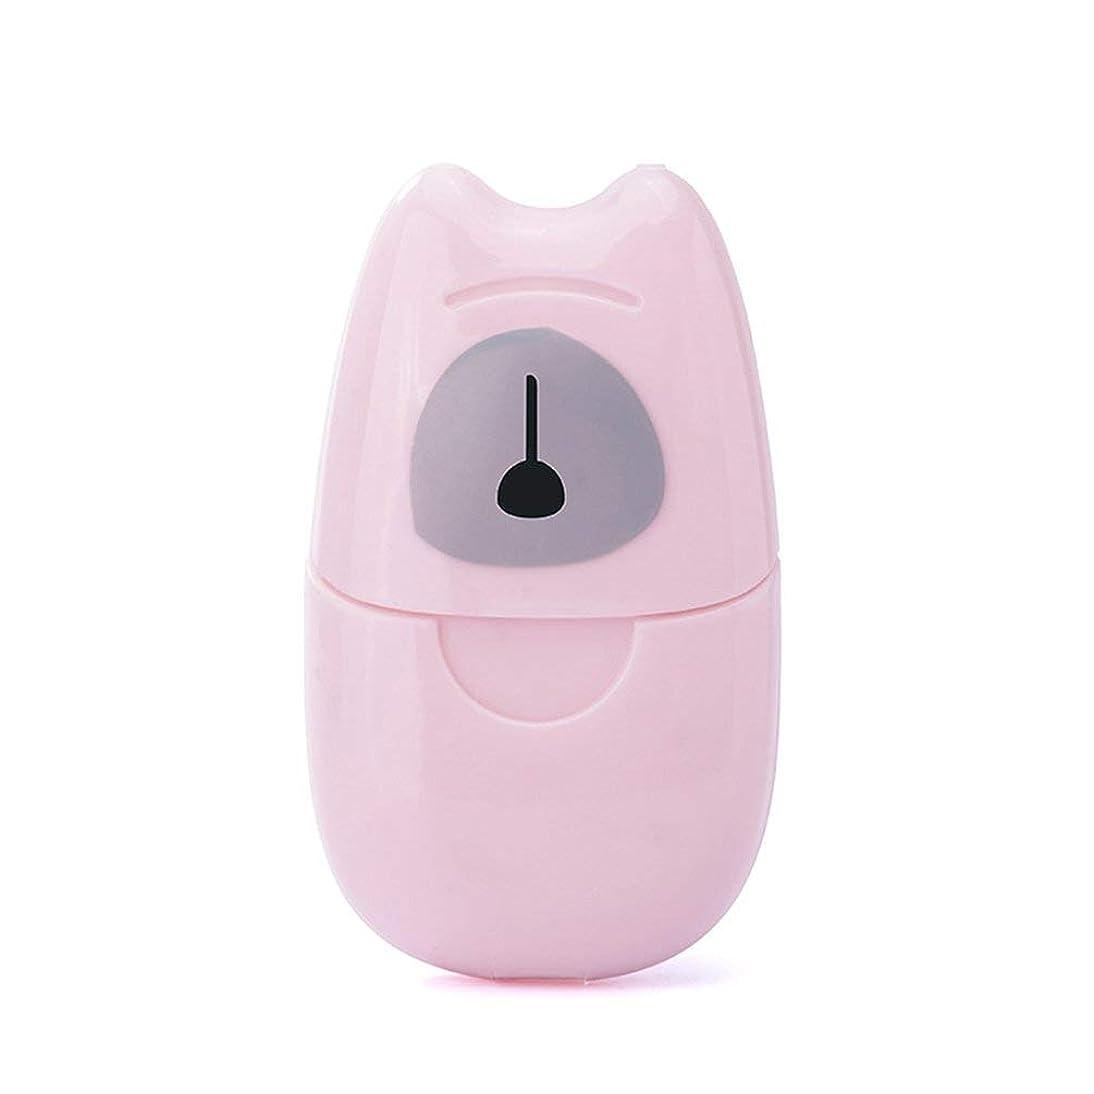 ガチョウシンプルな感情の箱入り石鹸紙旅行ポータブル屋外手洗い石鹸香りスライスシート50ピースミニ石鹸紙でプラスチックボックス - ピンク